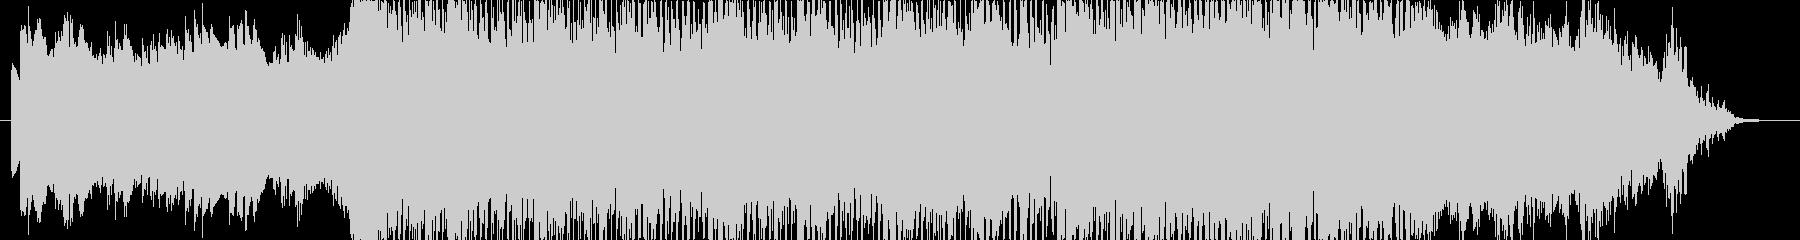 アンビエント・ポストロック 壮大なBGMの未再生の波形